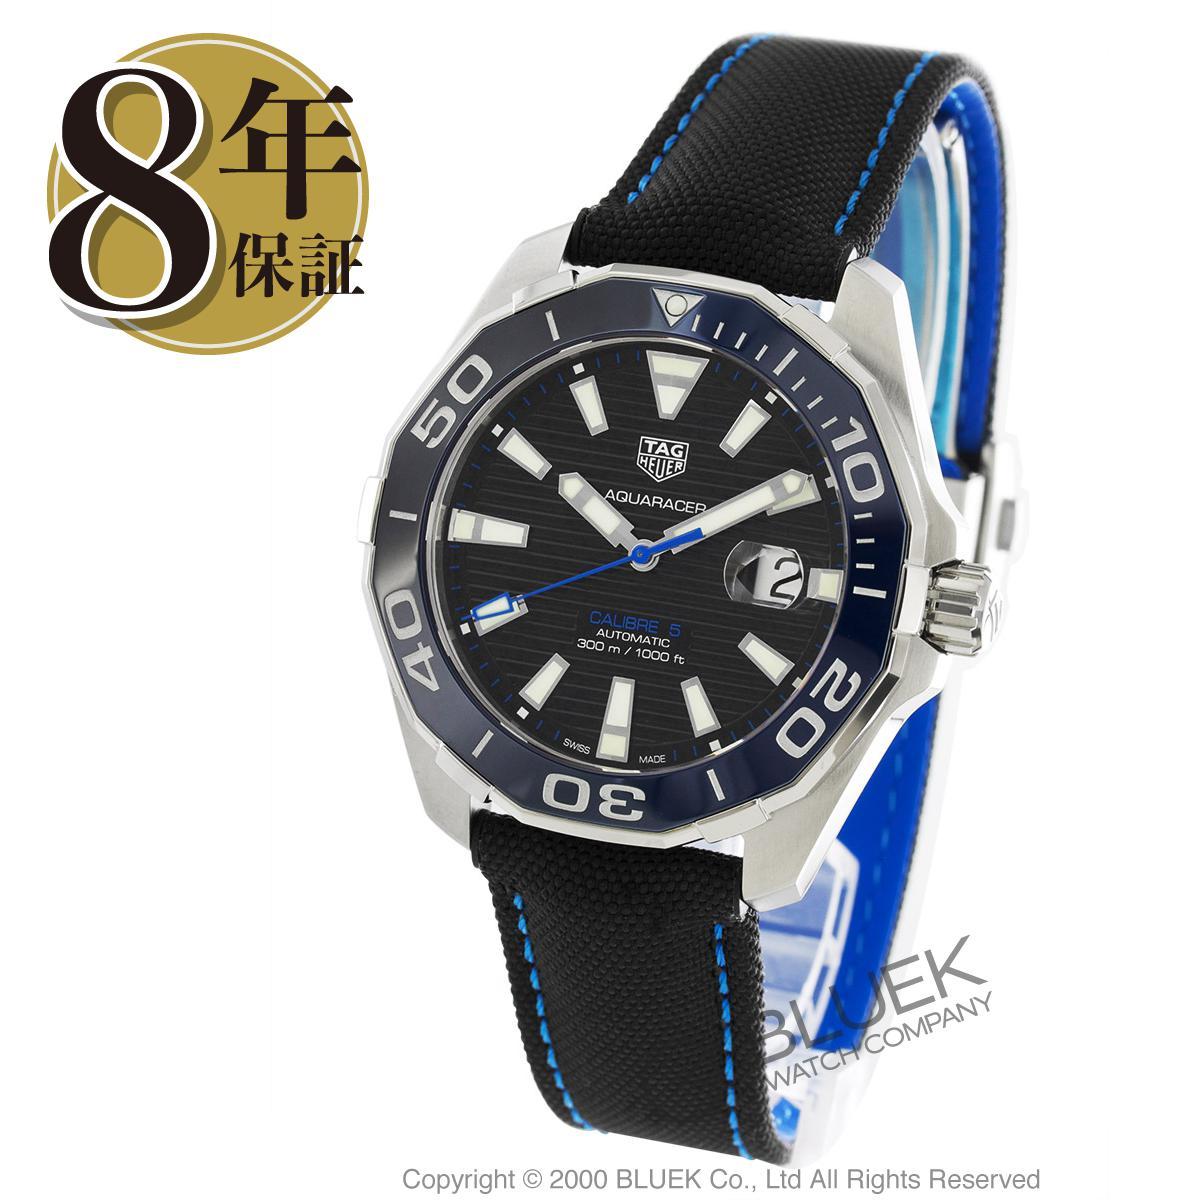 タグホイヤー アクアレーサー 300m防水 腕時計 メンズ TAG Heuer WAY201C.FC6395_8 バーゲン ギフト プレゼント